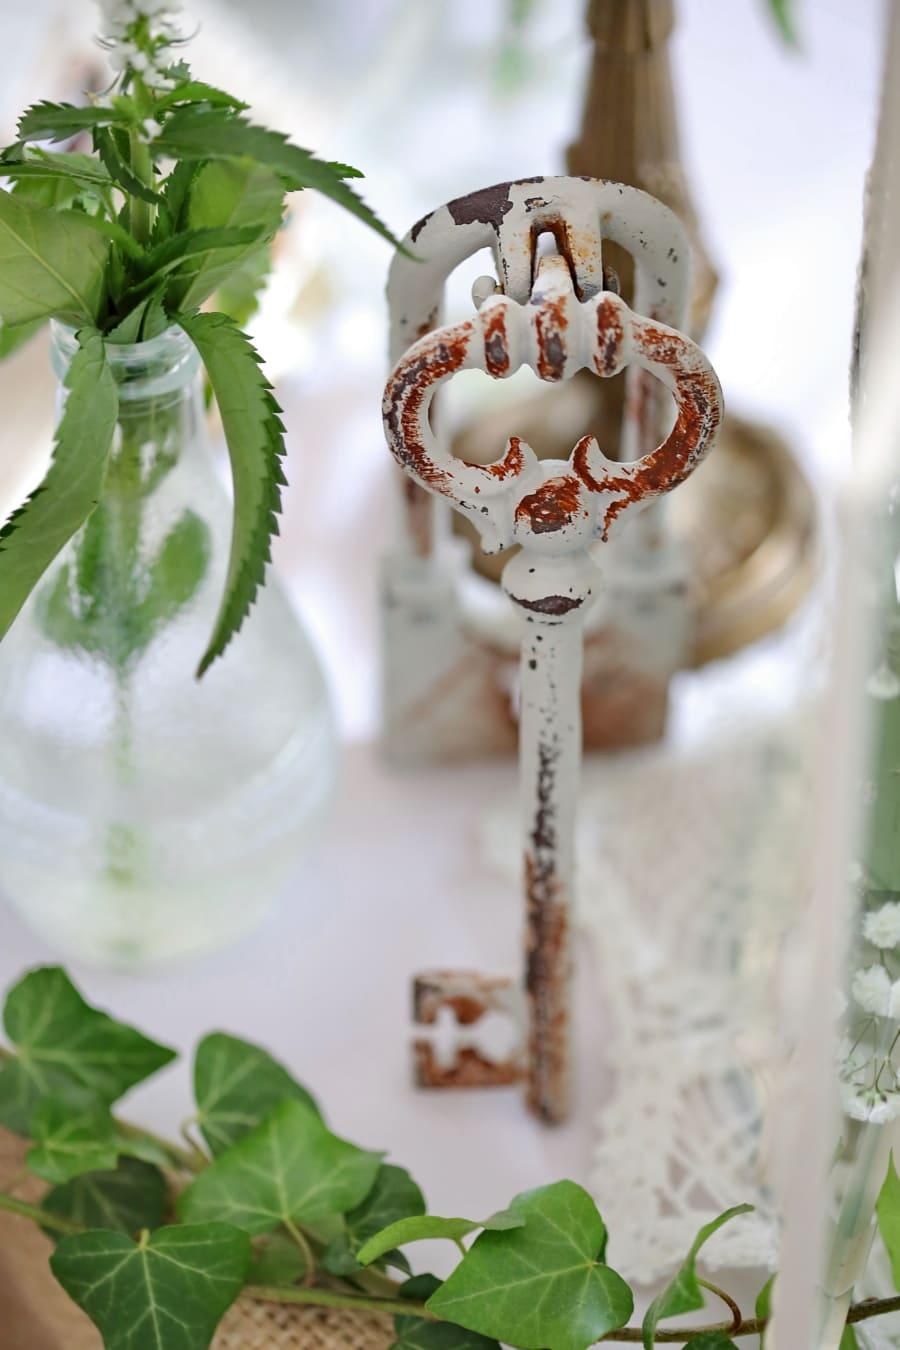 ključ, metalni ključ, staro, starinski, hrđe, metal, stari stil, list, dekoracija, mrtva priroda